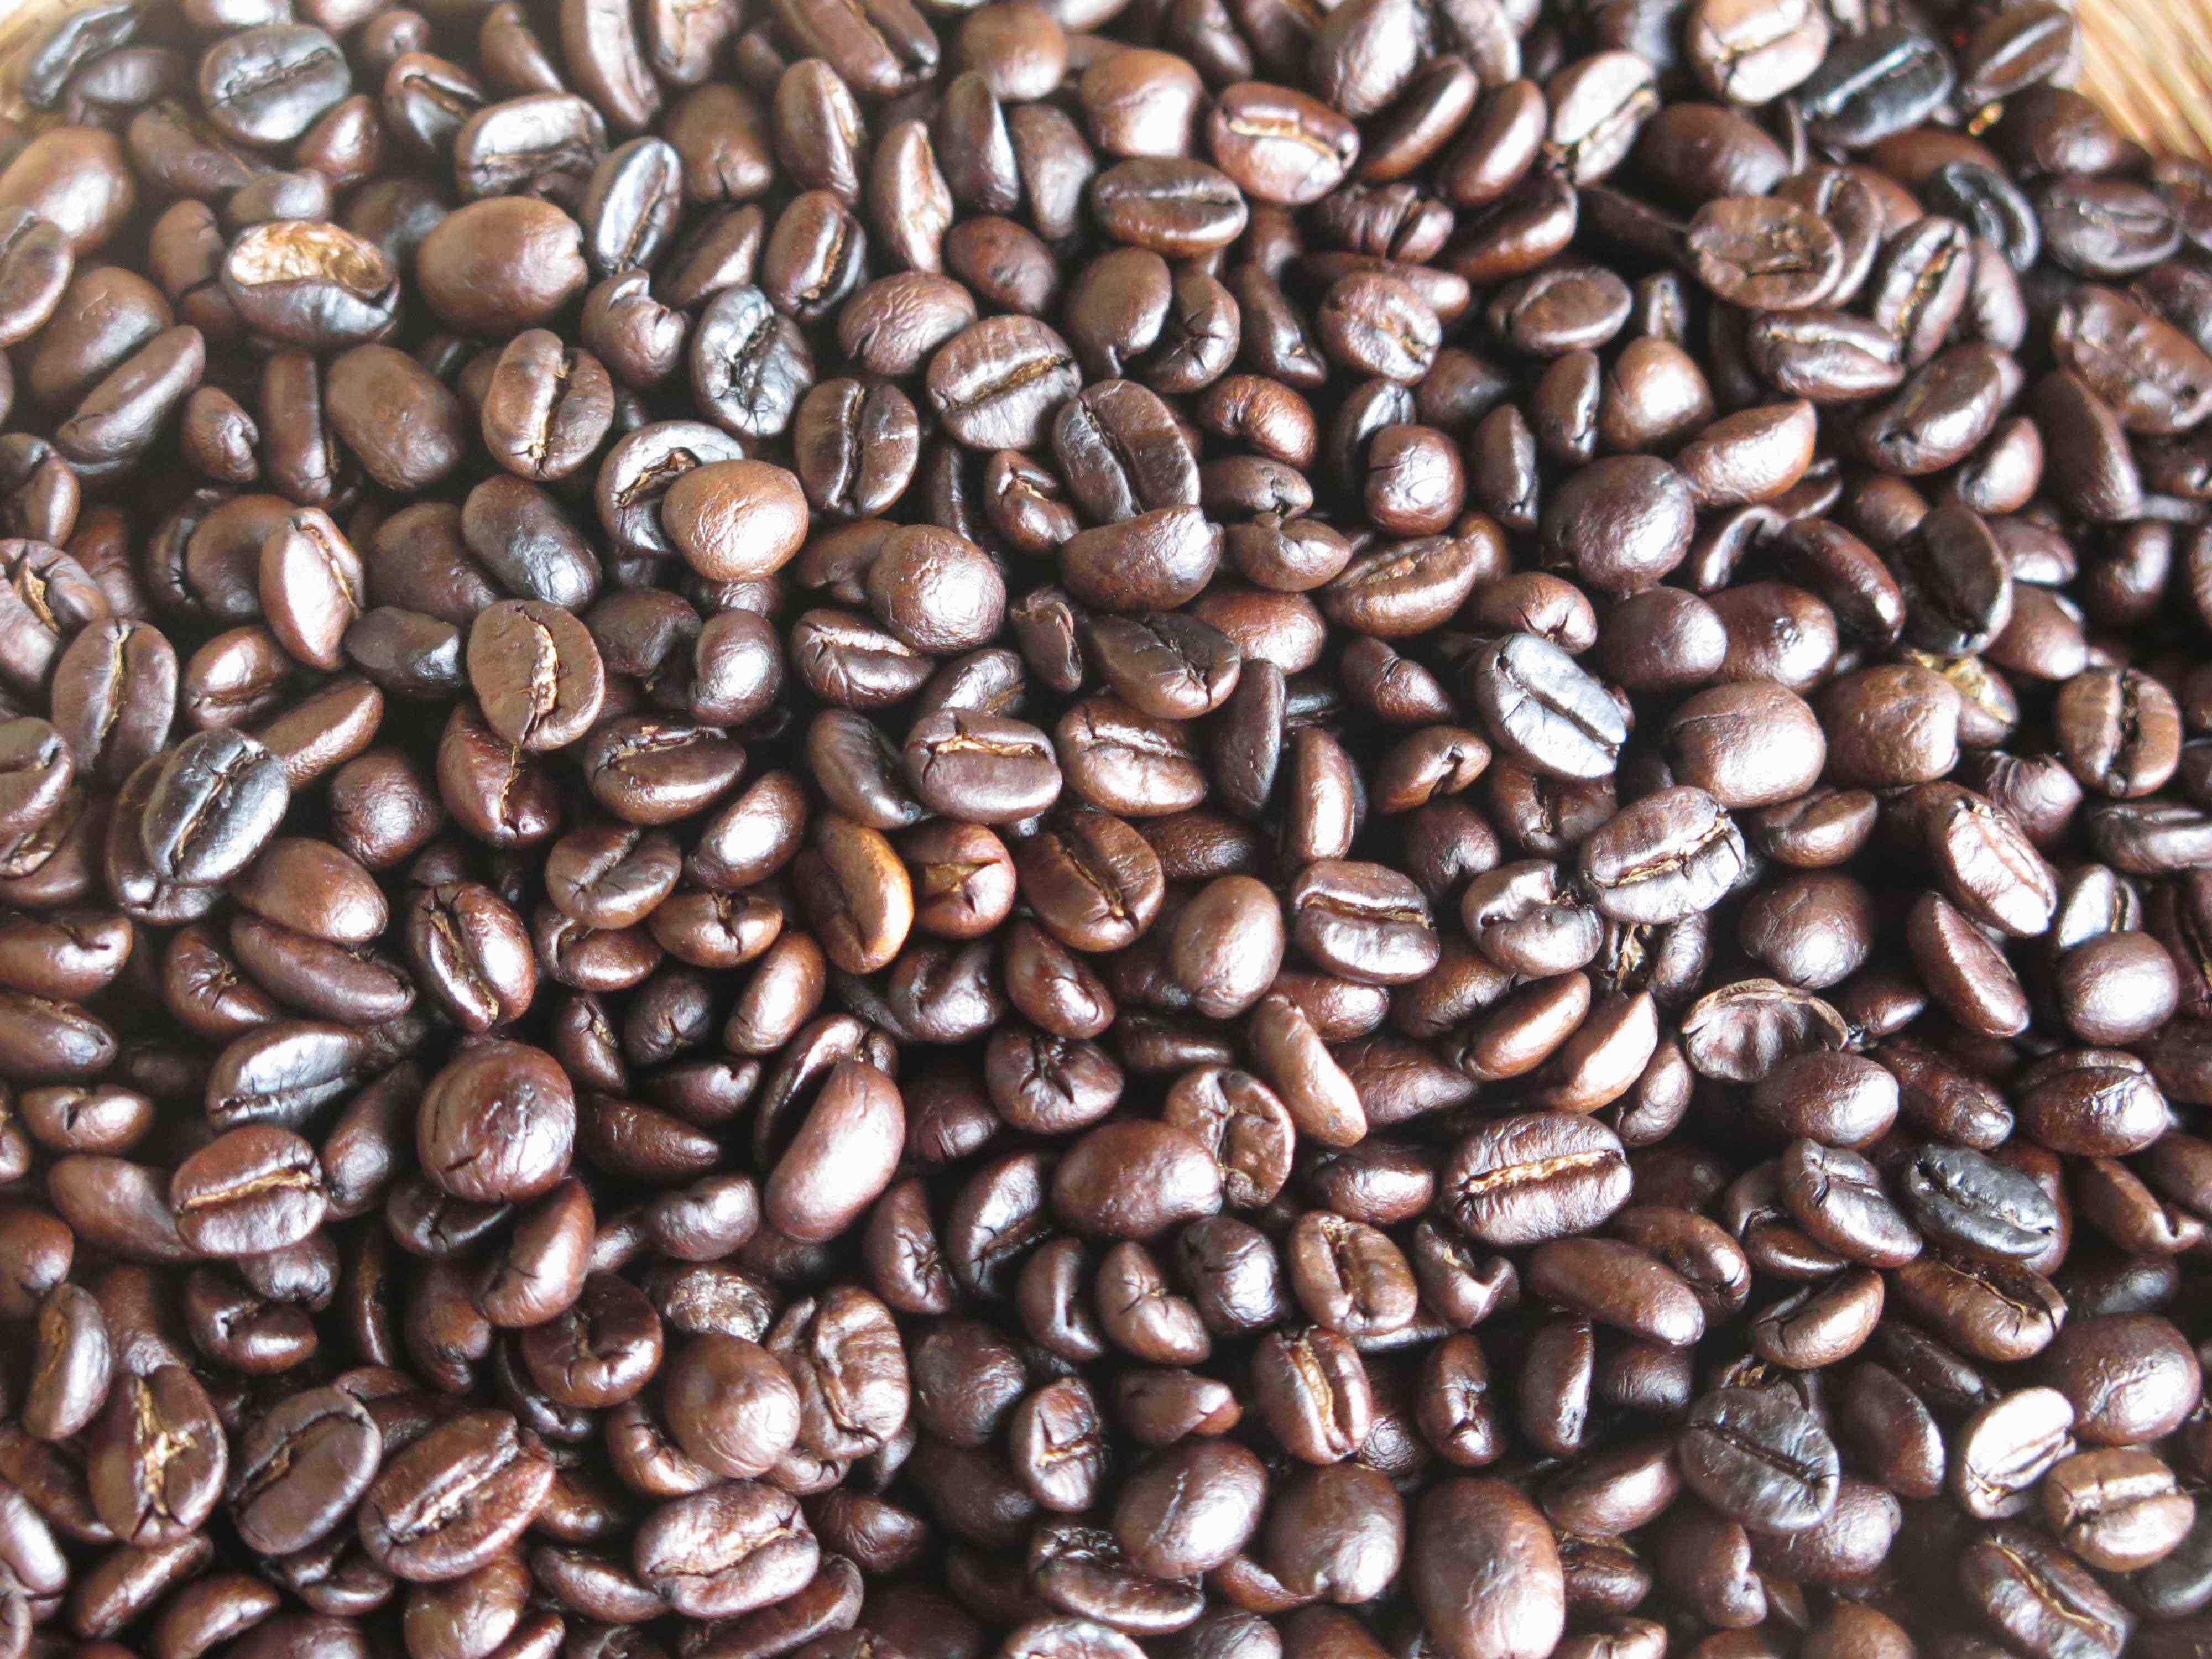 土鍋焙煎 ニドムブレンド コーヒー豆 100g - 画像4